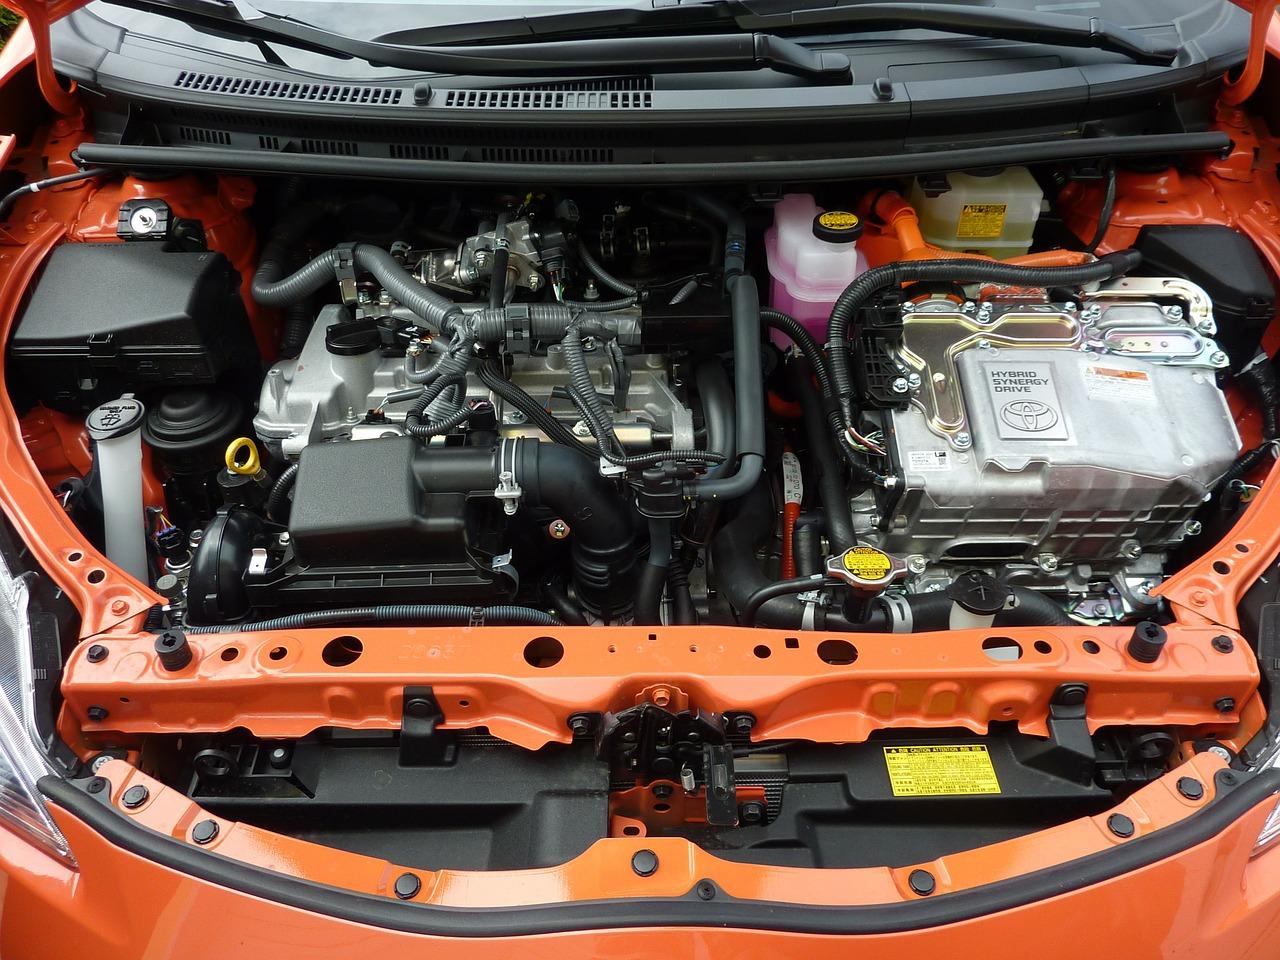 мотор автомобиля как работает аккумулятор